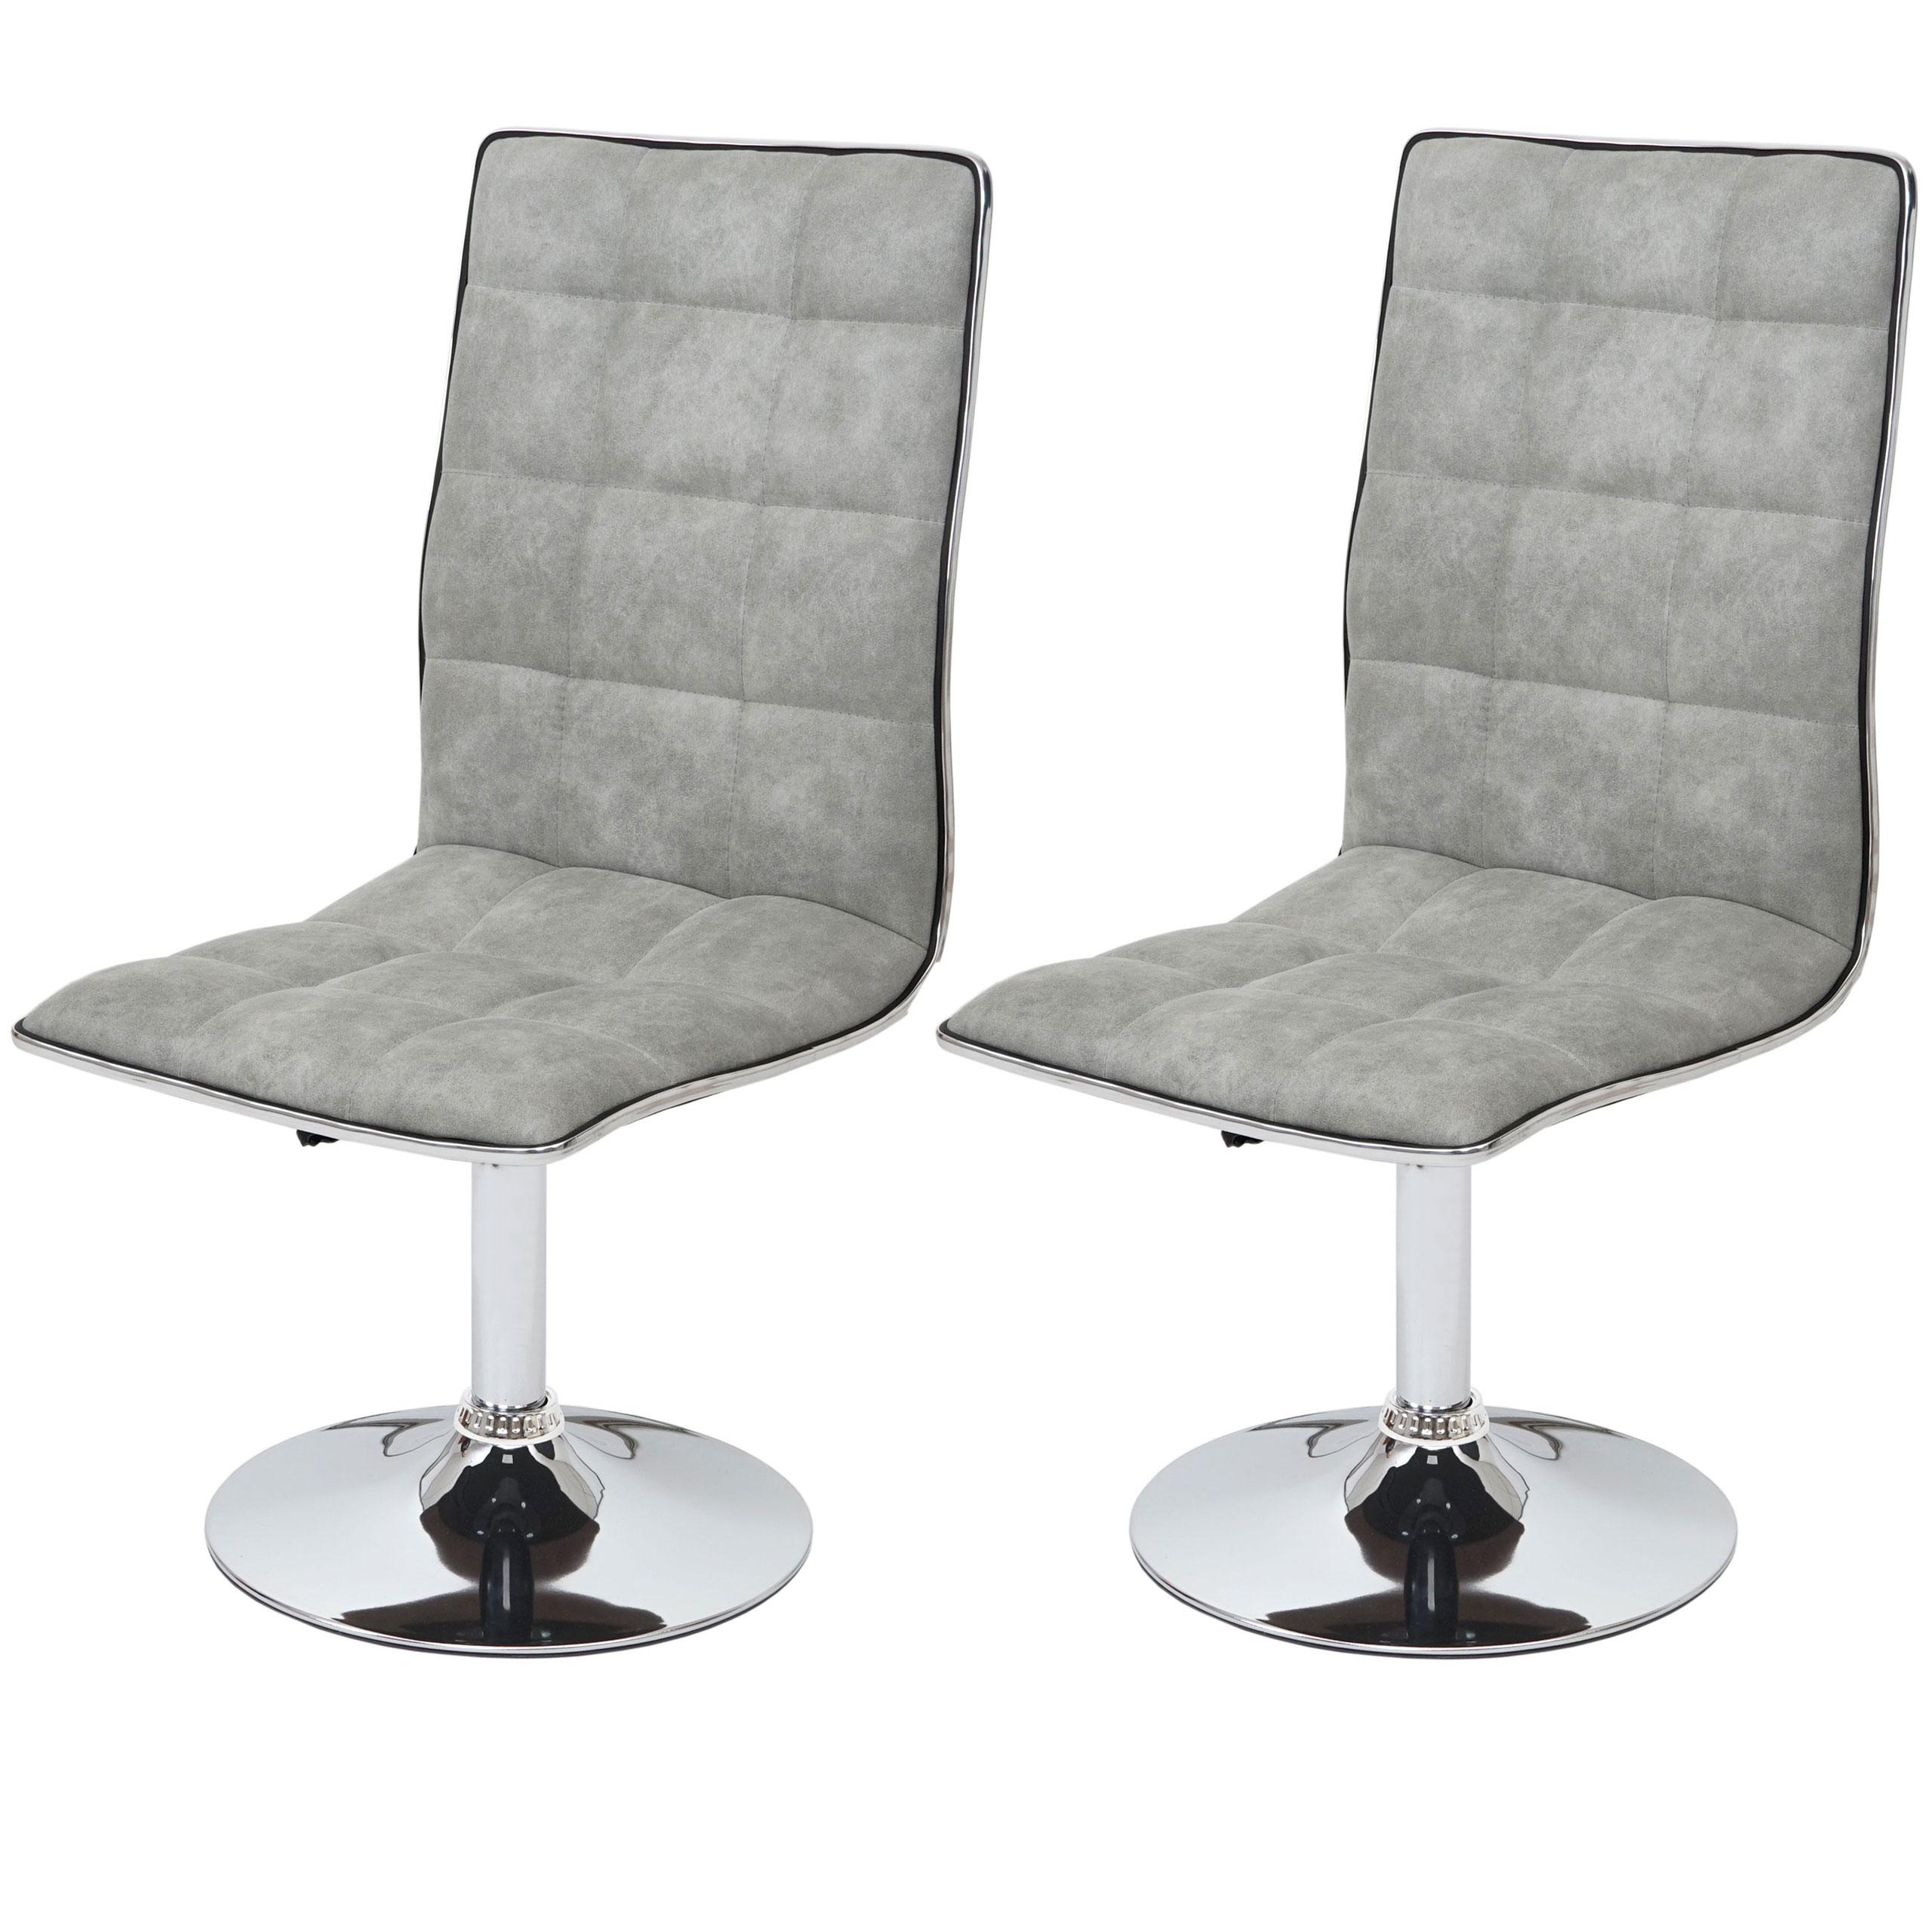 2x esszimmerstuhl hwc c41 stuhl lehnstuhl kunstleder oder textil ebay. Black Bedroom Furniture Sets. Home Design Ideas